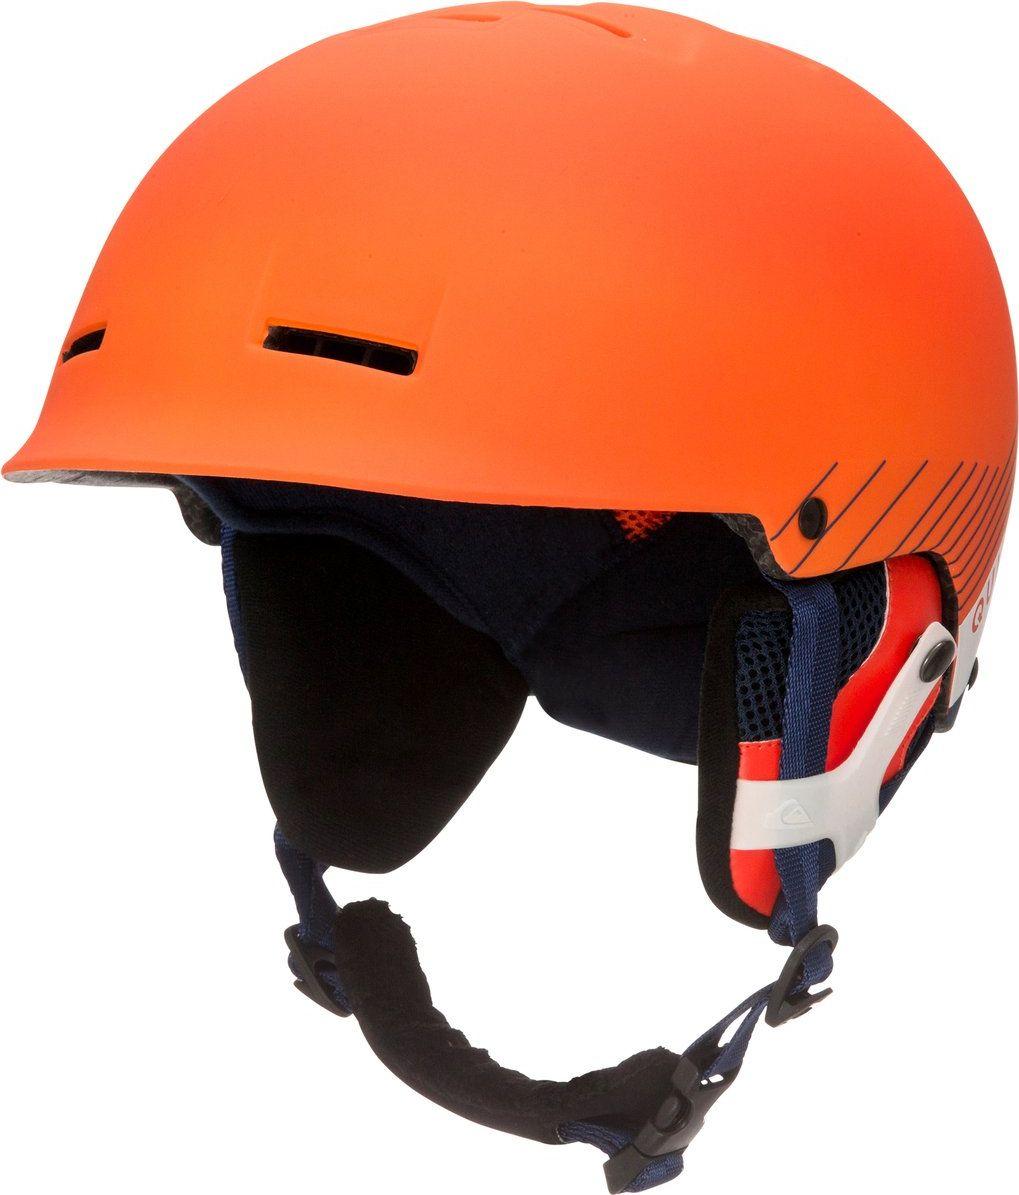 Сноубордический шлем Quiksilver Fusion, цвет: оранжевый. Размер 60/62EQYTL03019-NMS0Основной материал: двойной микрошелл + сверхлегкая литая конструкцияБезопасность: ударопоглощающий пенный полимер EPSВентиляция: фронтальная и верхняяИзнанка/подкладка: подкладка из сетки и флисаНакладки на уши/аудиосистема: мягкие термоформованные съемные накладки на ушиСтреп на подбородок: выполнен из мягкой шерпыВес: 350 гСертификация: EN1077Состав: 100% пластик